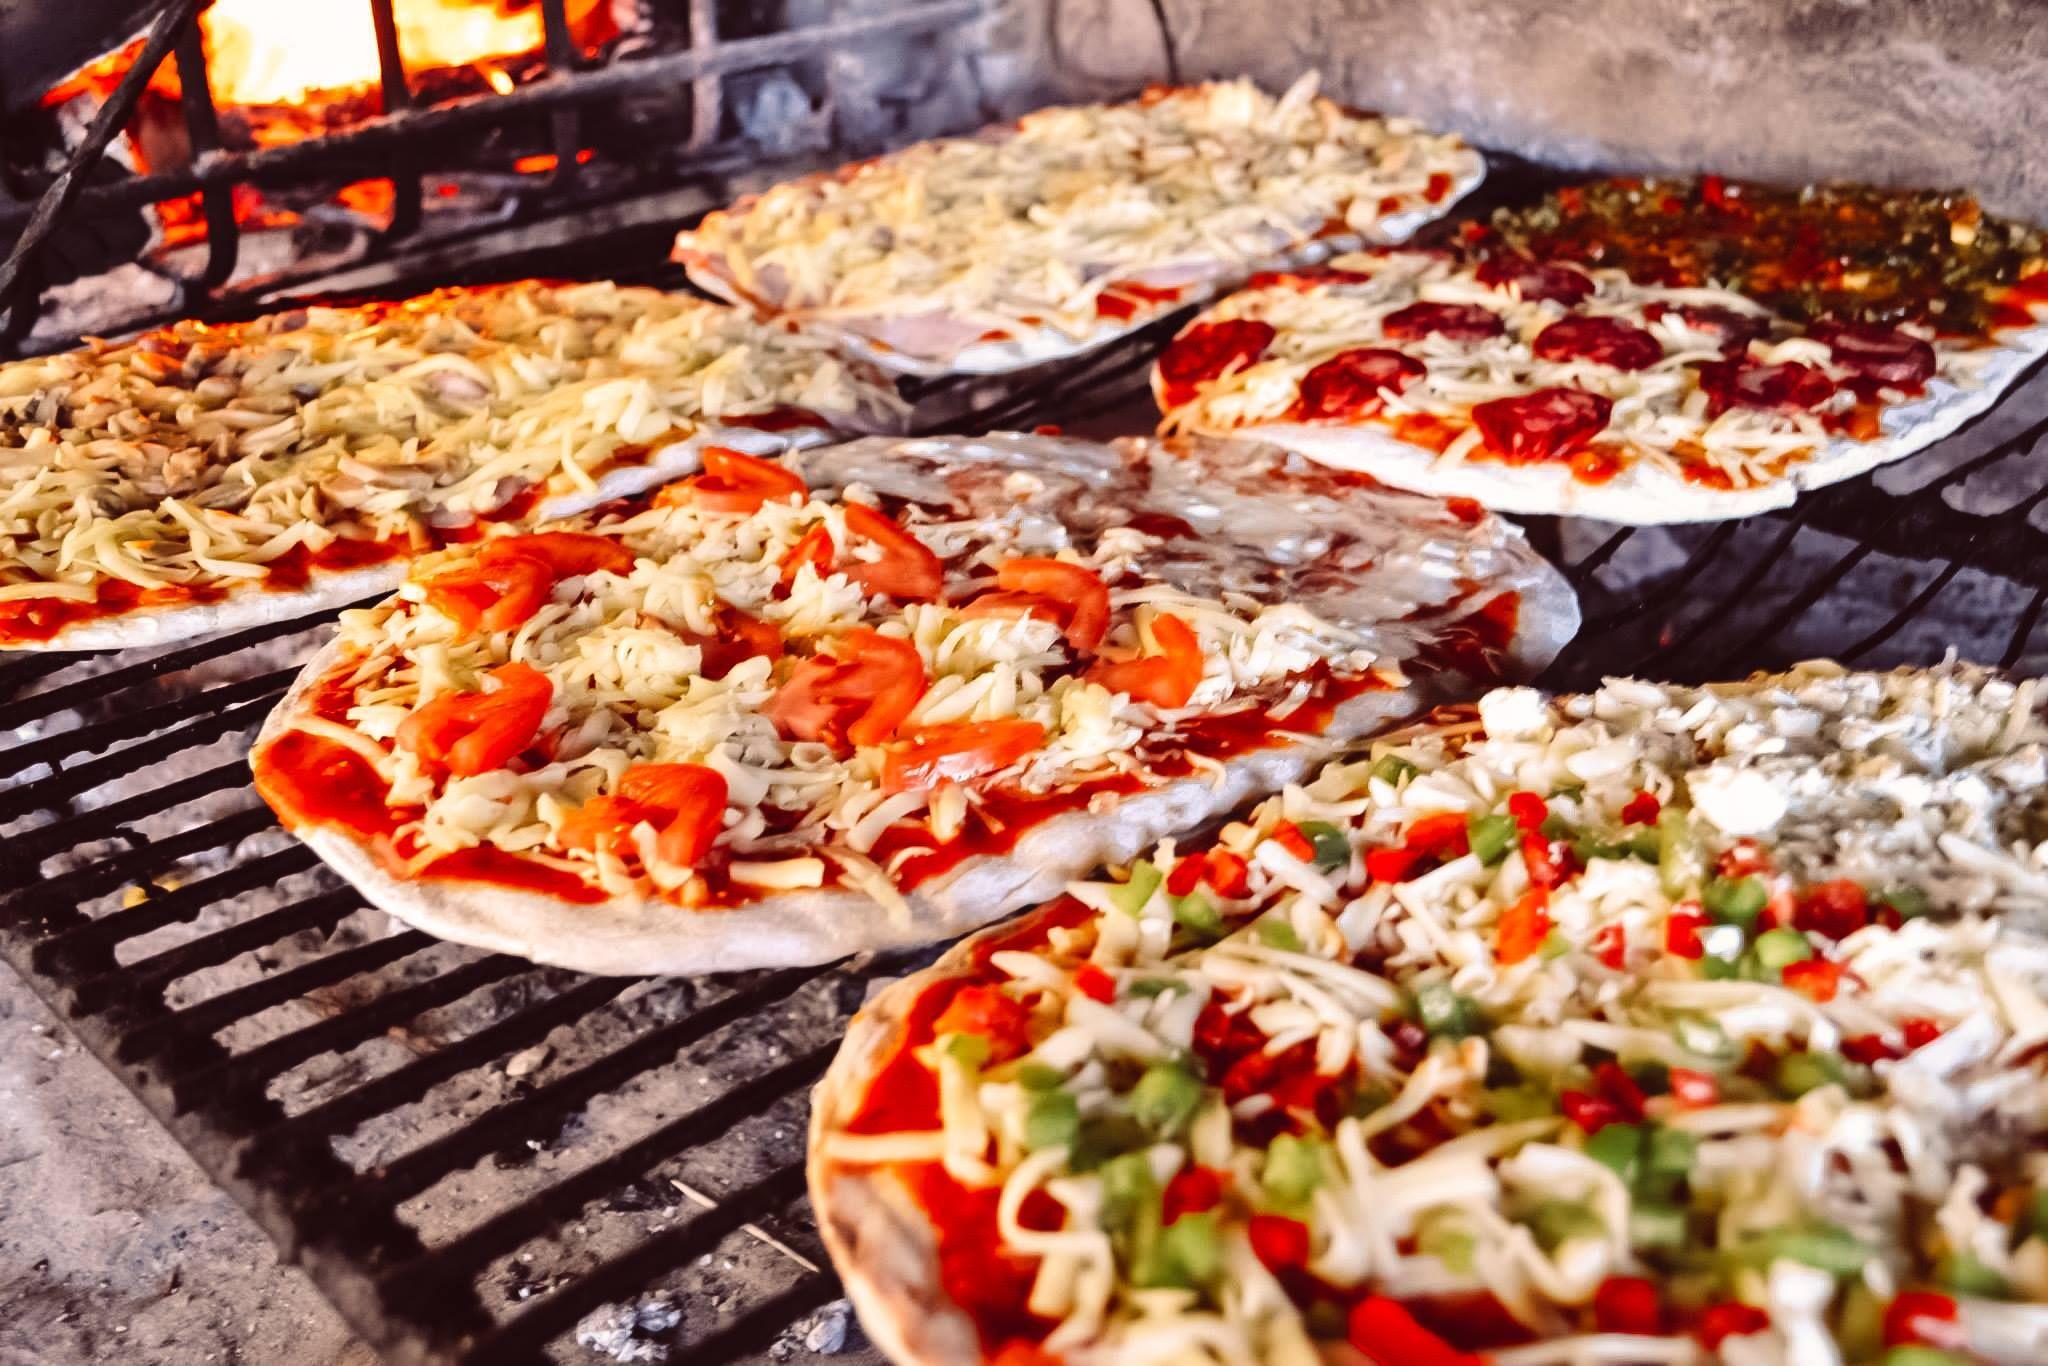 Deliciosas Pizzas Ya Haciendose A La Parrilla Montevideo Uruguay